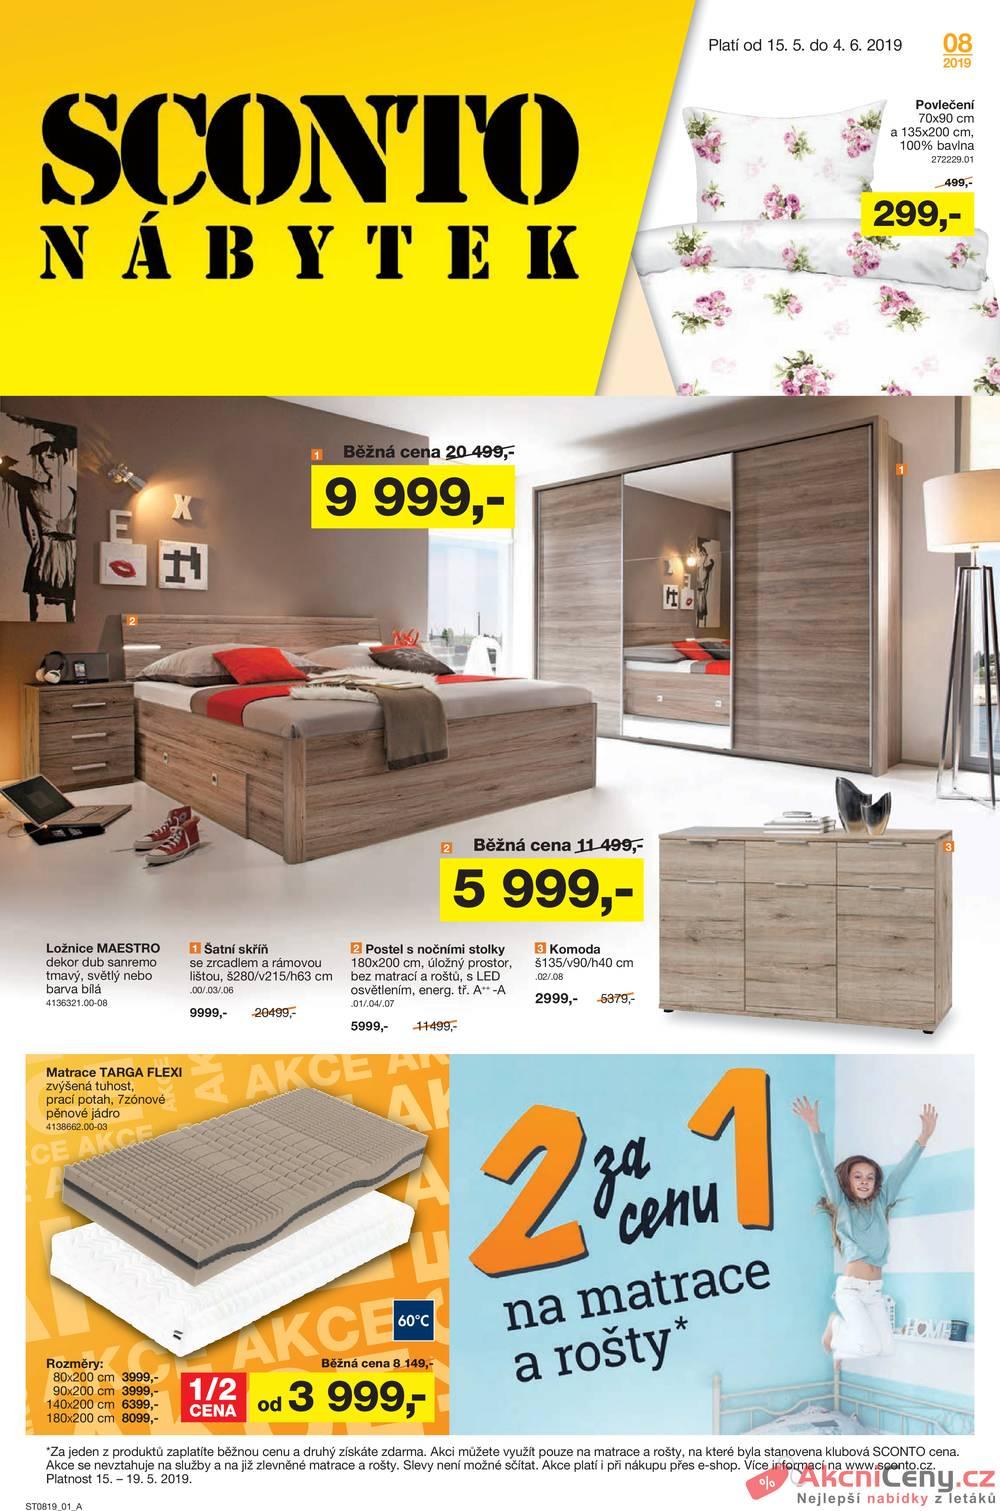 Katalog Sconto nábytek 15.5. - 4.6.